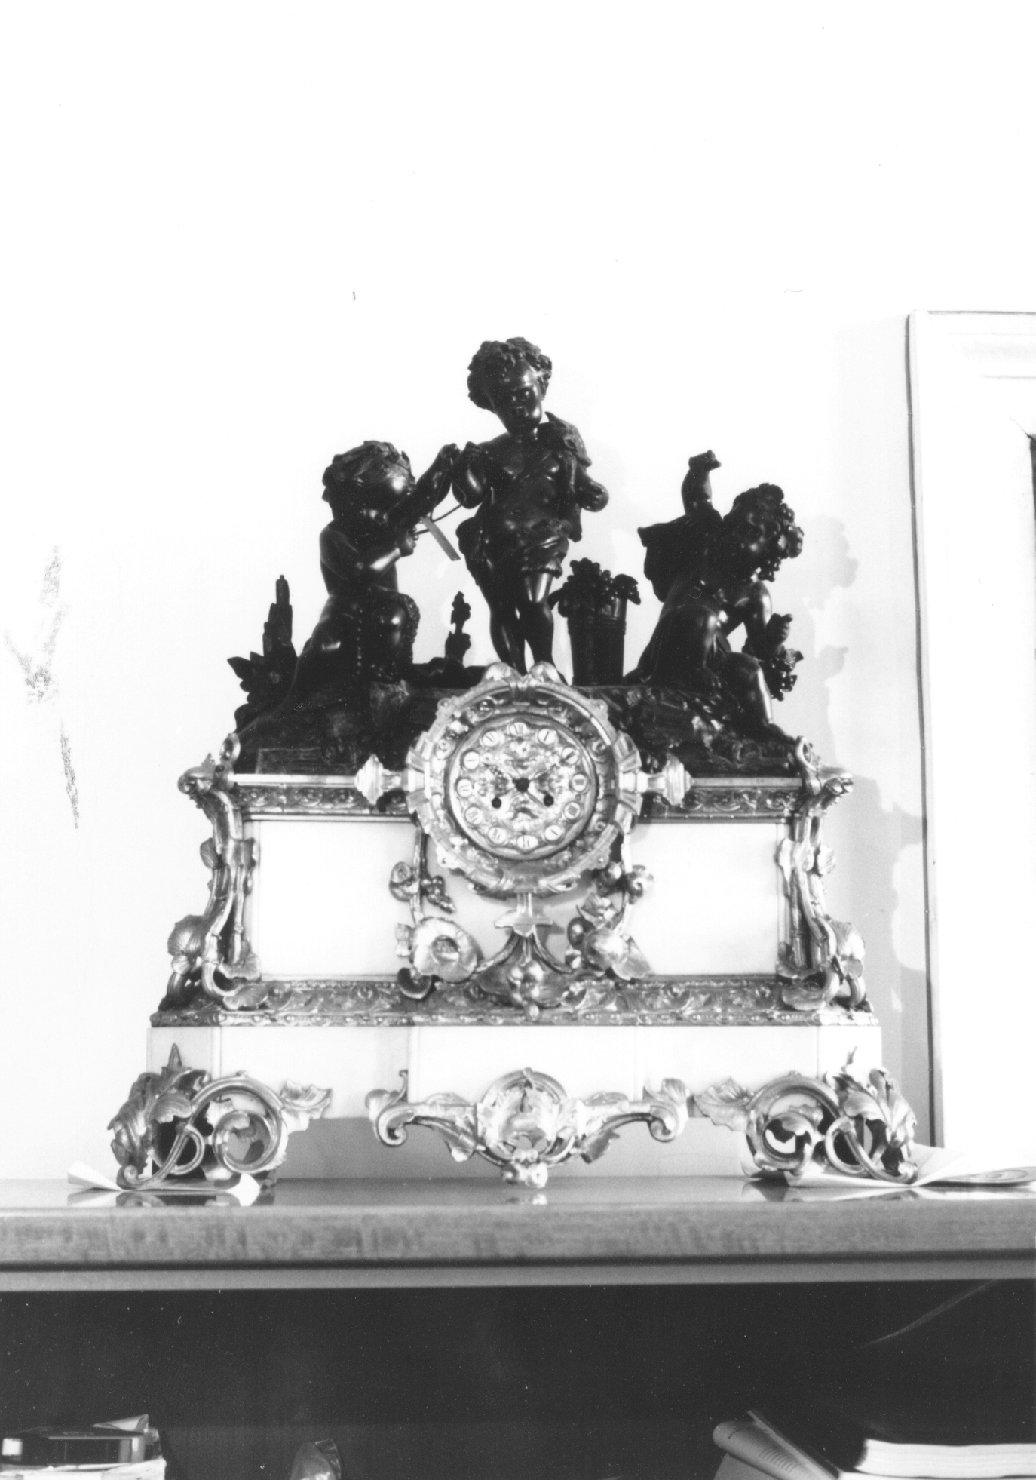 orologio, opera isolata - manifattura francese (metà sec. XIX)